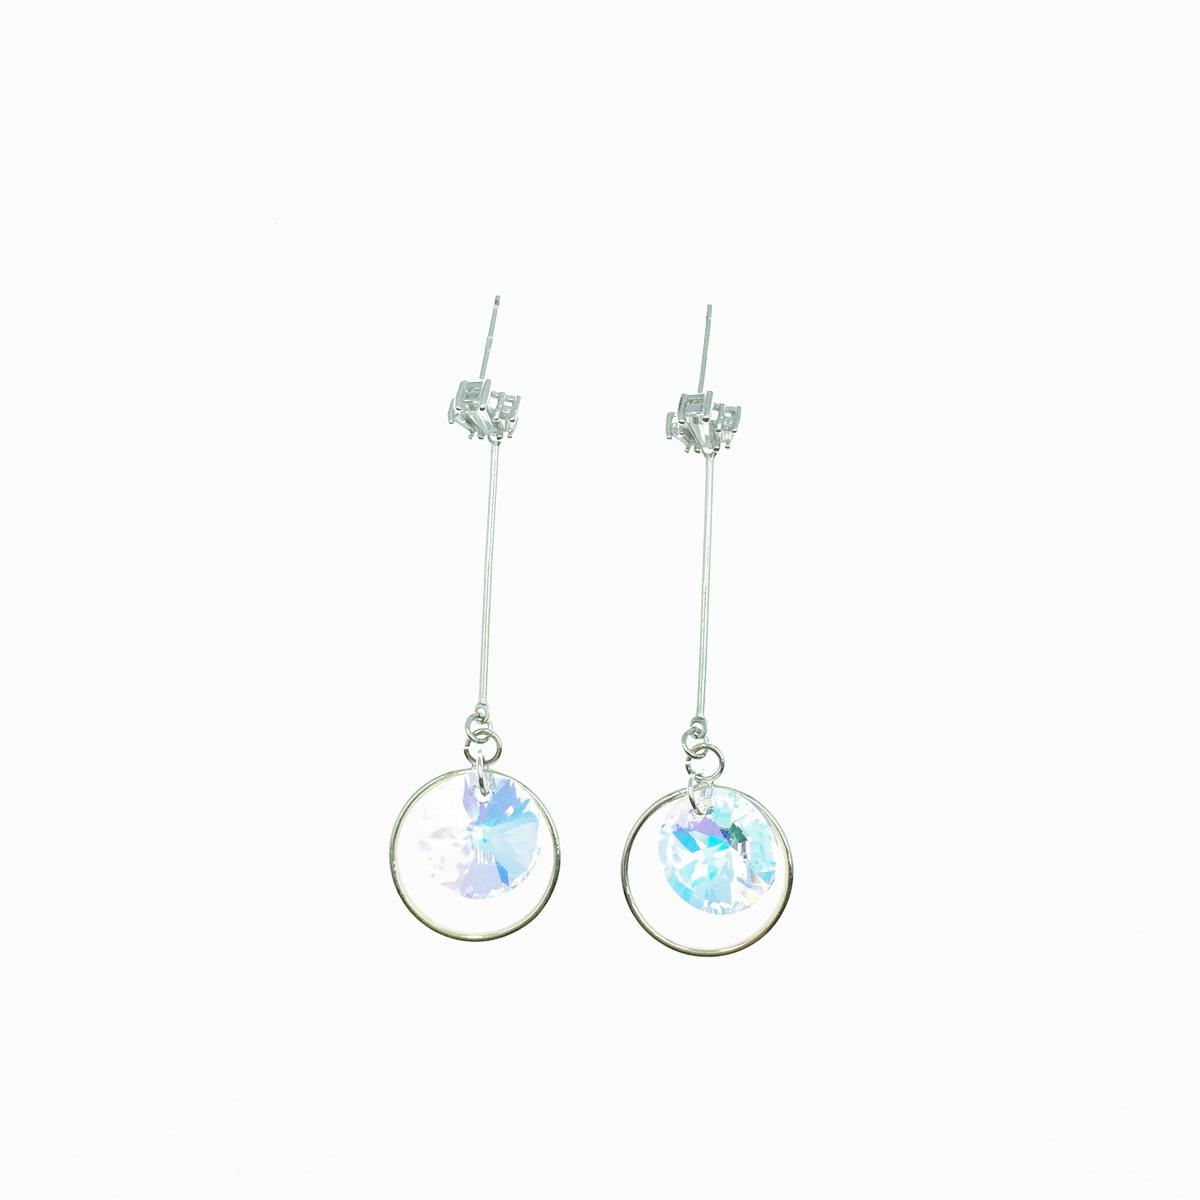 韓國 圓形 水晶 水鑽 線條 圓圈 耳針式 耳環 採用施華洛世奇水晶元素 Crystals from Swarovski